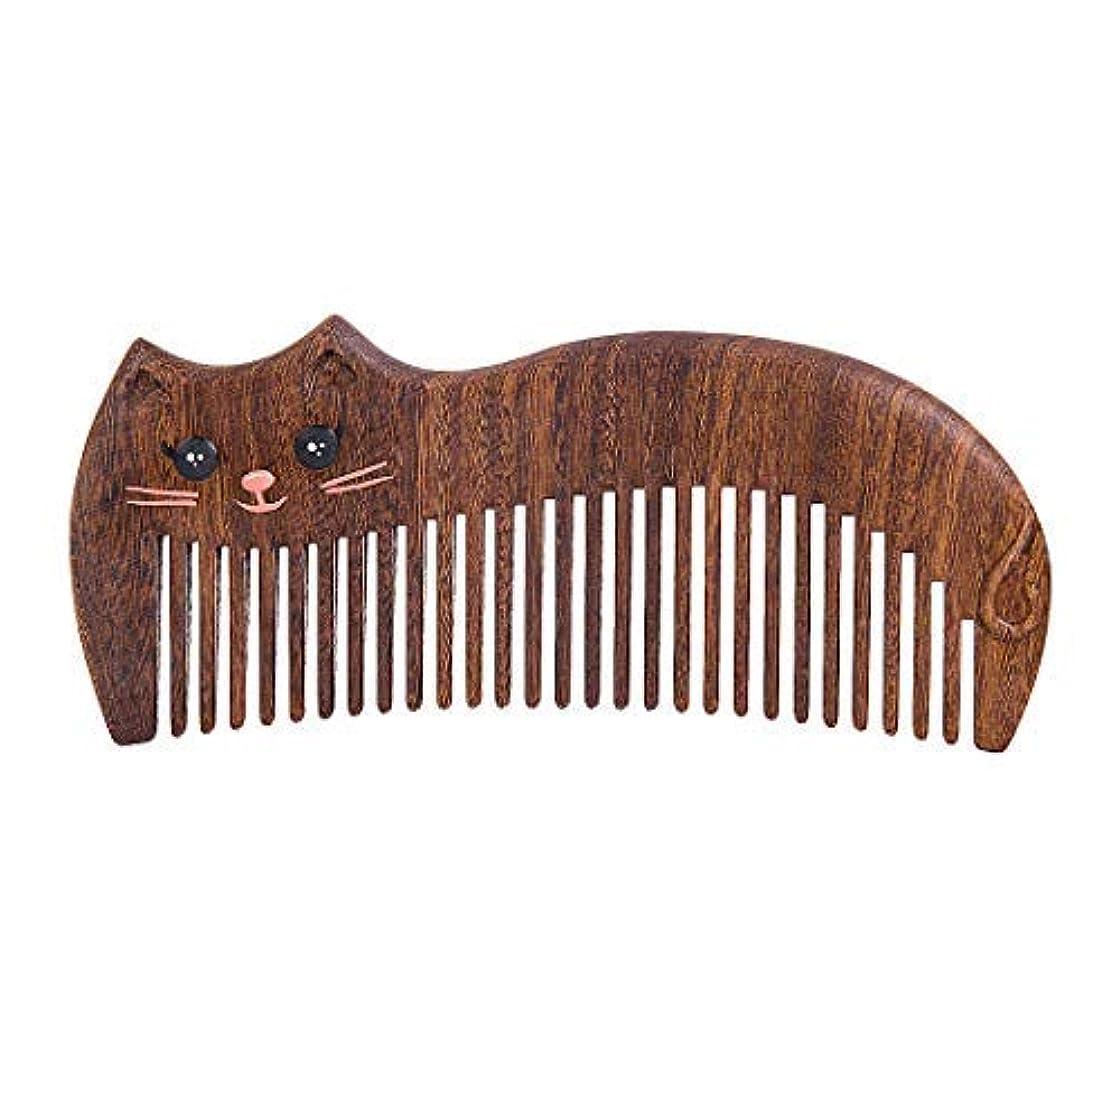 マイルストーン不規則なアルプスAnti-Static Wood Shaped Kitty Cat Comb [並行輸入品]